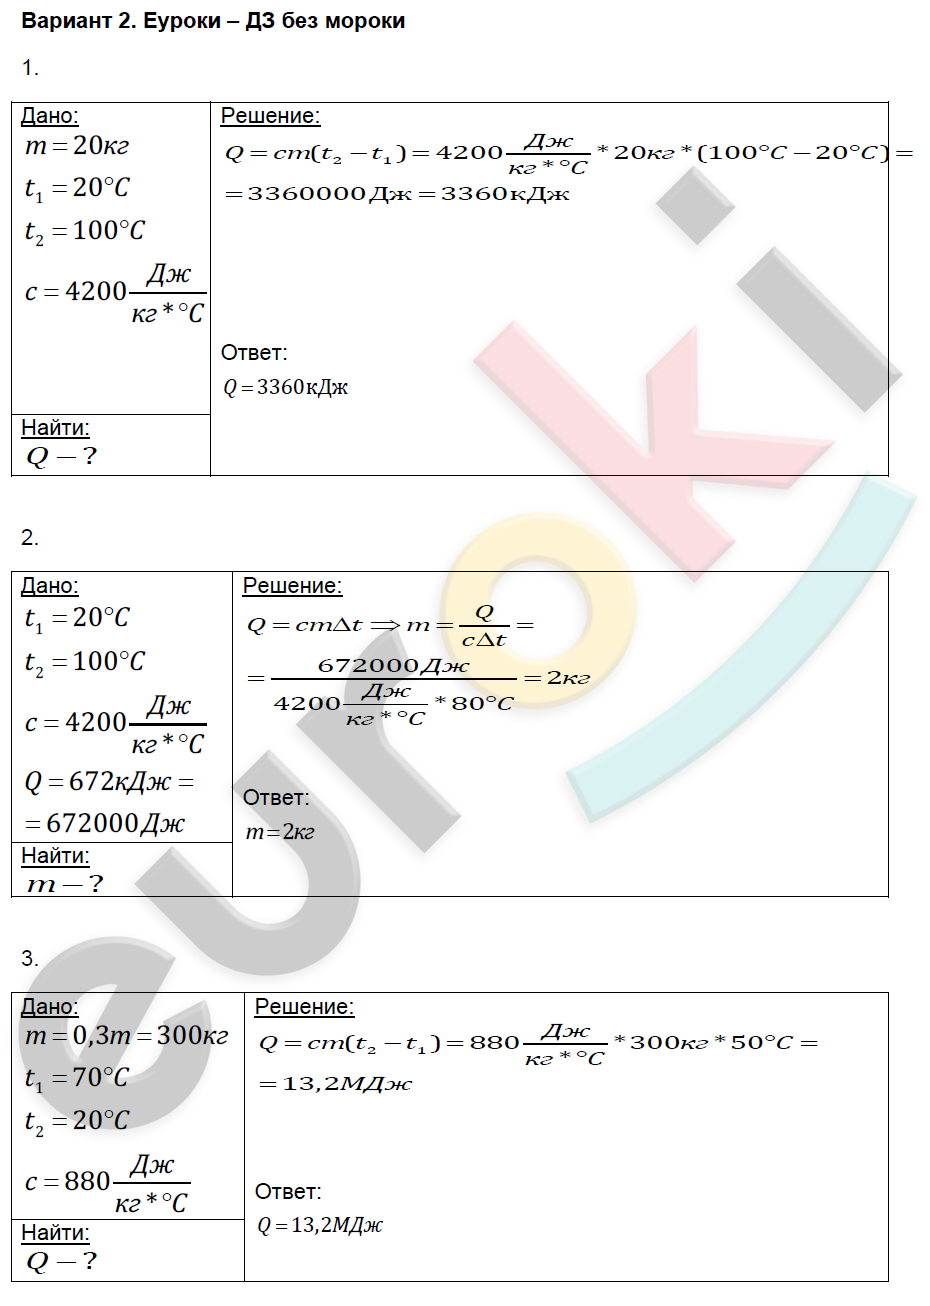 ГДЗ по физике 8 класс контрольные и самостоятельные работы Громцева Самостоятельные работы, СР-6. Количество теплоты. Удельная теплоемкость. Расчет количества теплоты. Задание: Вариант 2